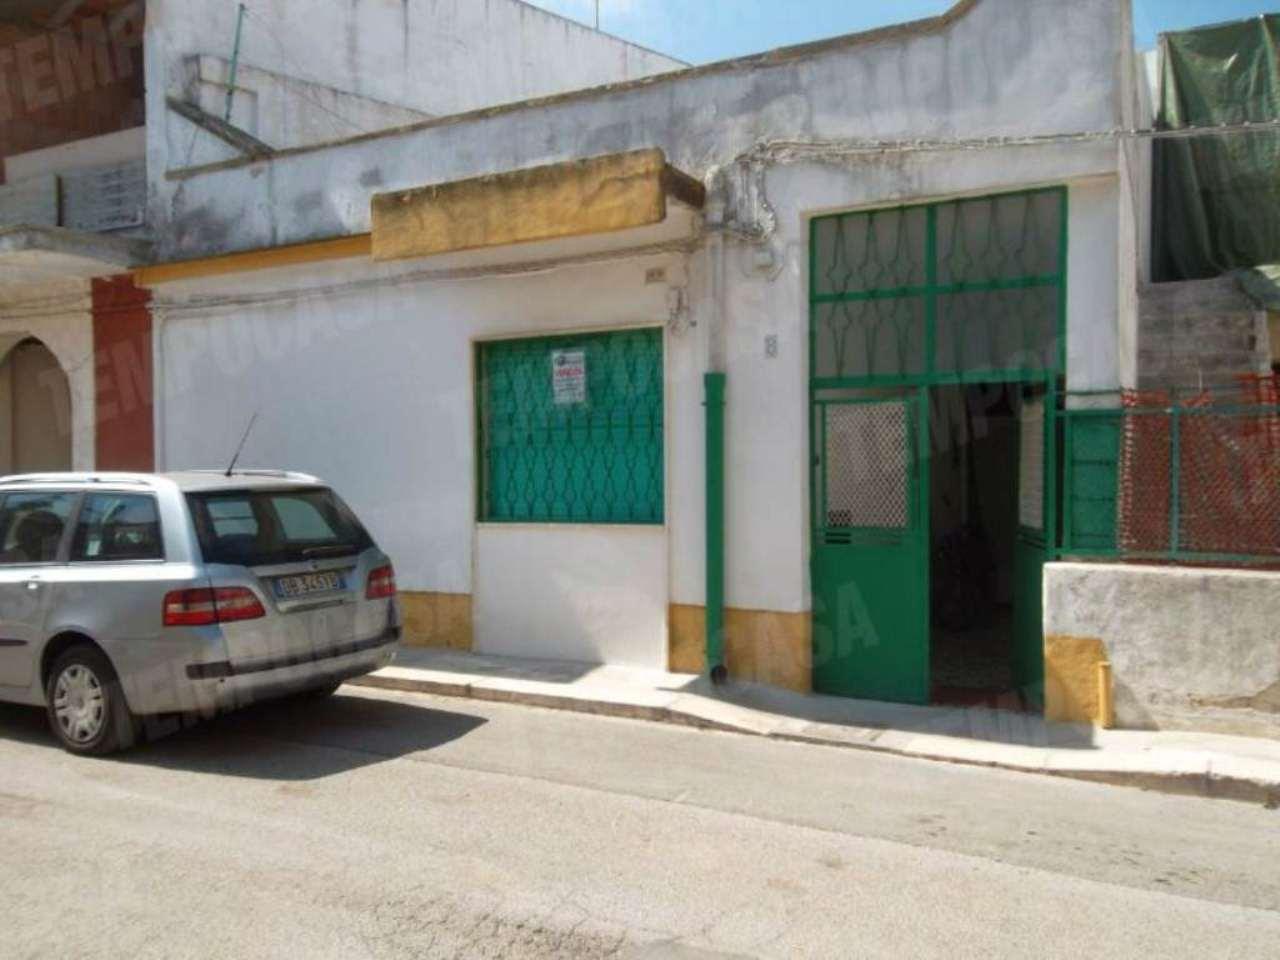 Soluzione Indipendente in vendita a Casamassima, 2 locali, prezzo € 48.000 | Cambio Casa.it